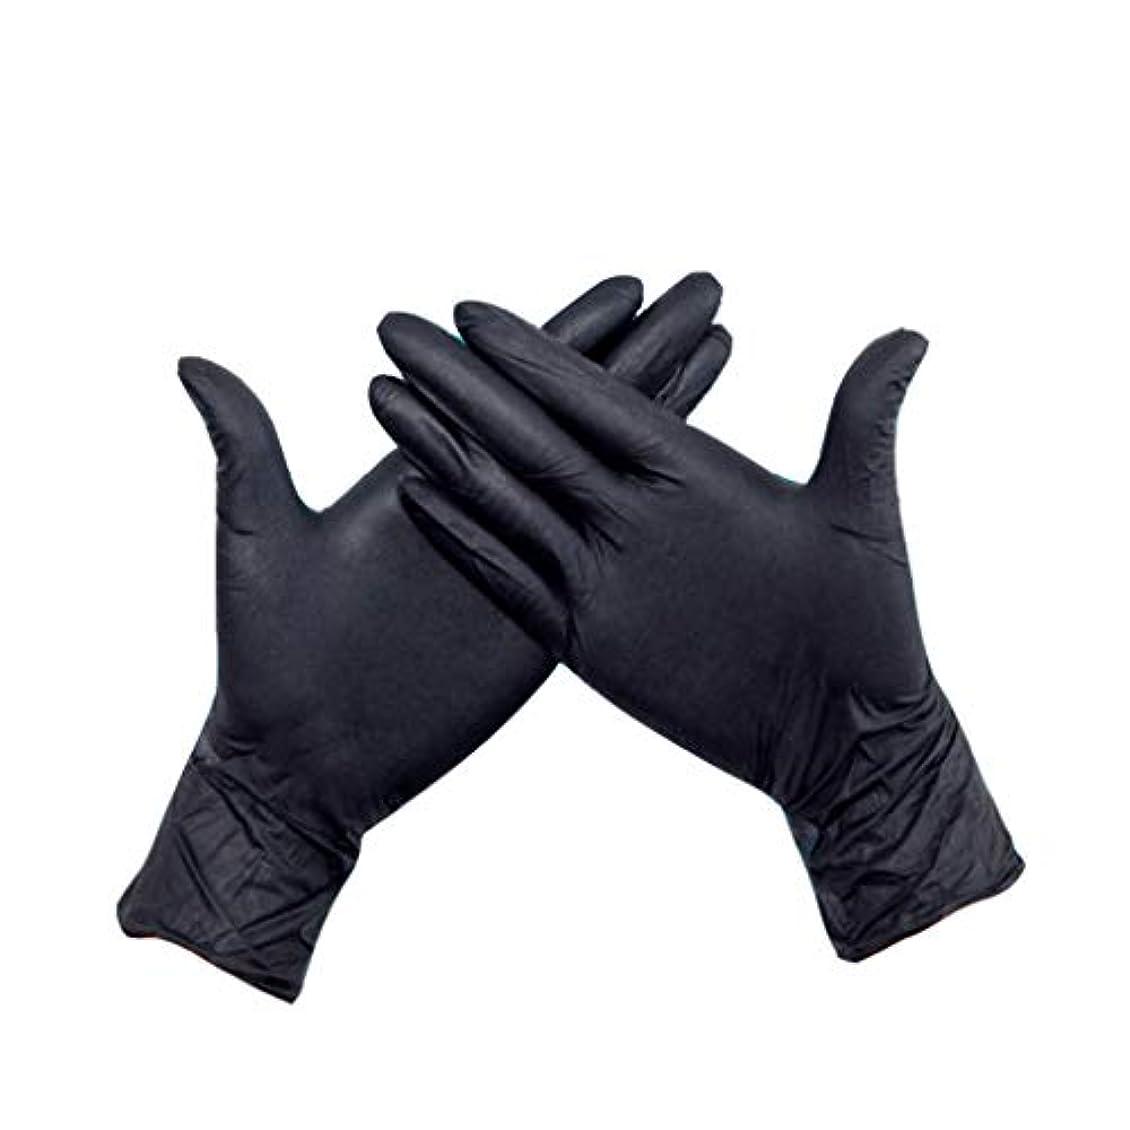 保証金資格膨らみ手袋黒丁qing使い捨て手袋耐摩耗性耐酸アルカリ美しさとヘアケア手袋の厚い丁ding清グローブ200 (UnitCount : 300 only)